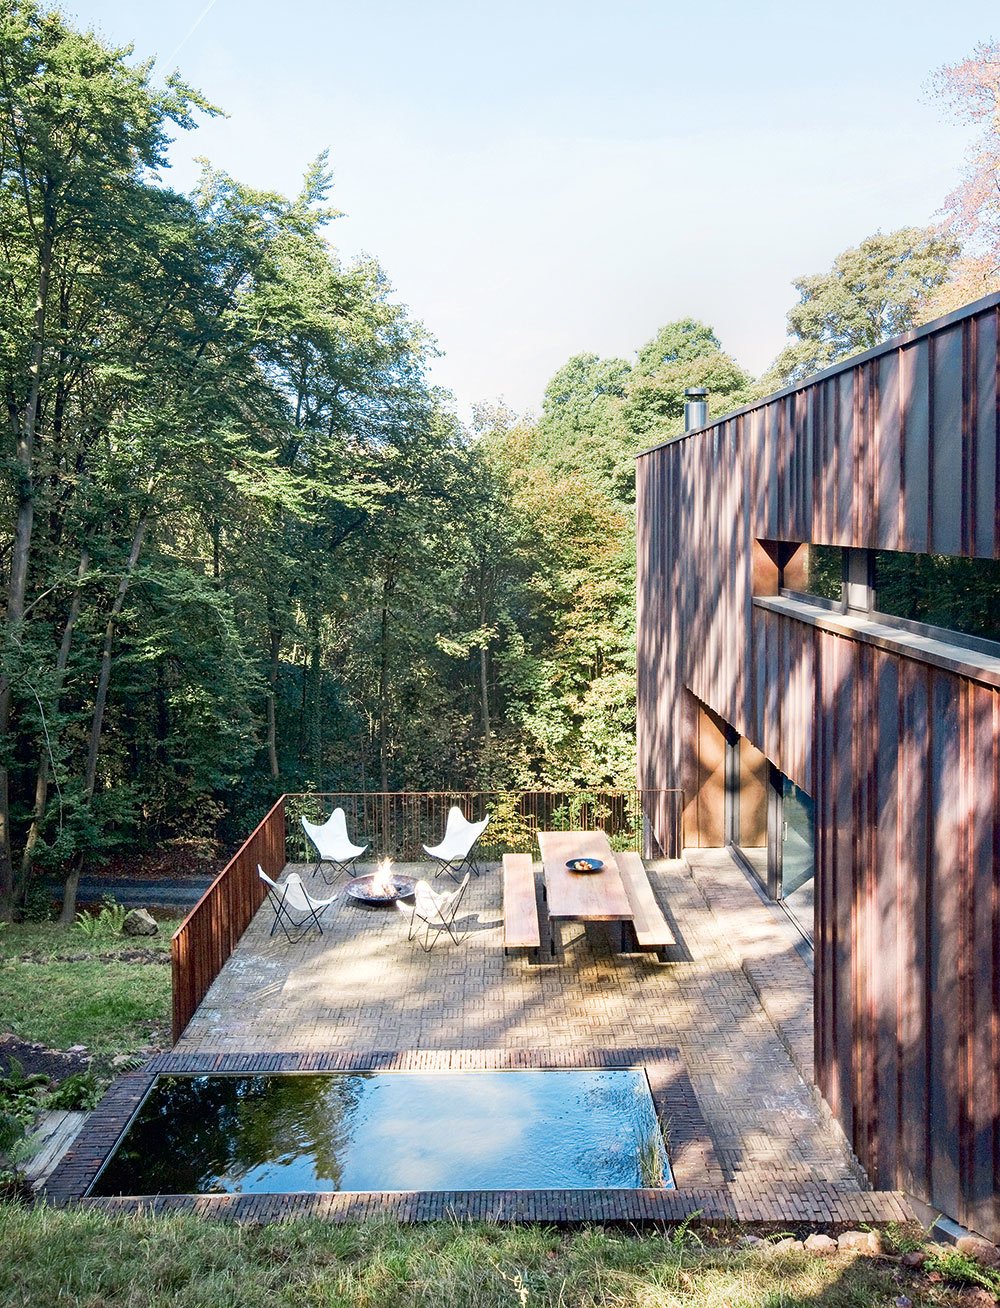 Južnej strane domu dominuje veľká terasa. Intenzívny kontakt s interiérom zabezpečuje veľkoformátová posuvná zasklená stena – hlavný obytný priestor na prízemí sa tým príjemne rozširuje a spája s očarujúcim okolím. (Všetky zasklené konštrukcie a systémy sú hliníkové od firmy Schüco, www.schueco.com.)